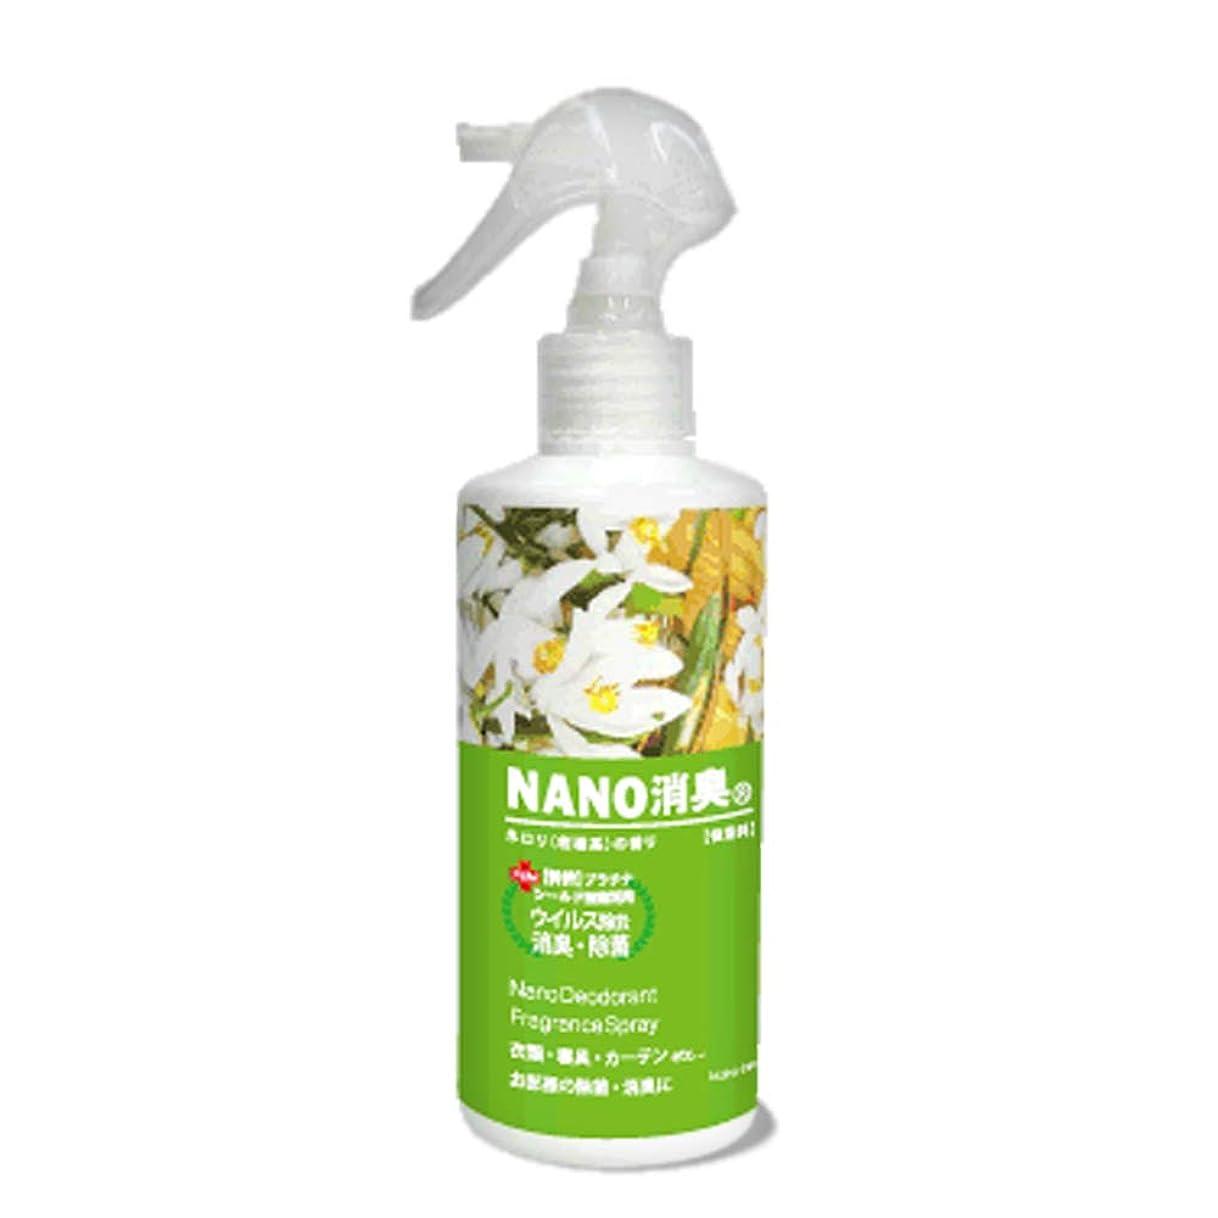 曲線ドラマに応じてNANO消臭 スプレー マスク スプレー トイレ 消臭剤 芳香剤 (ネロリ)